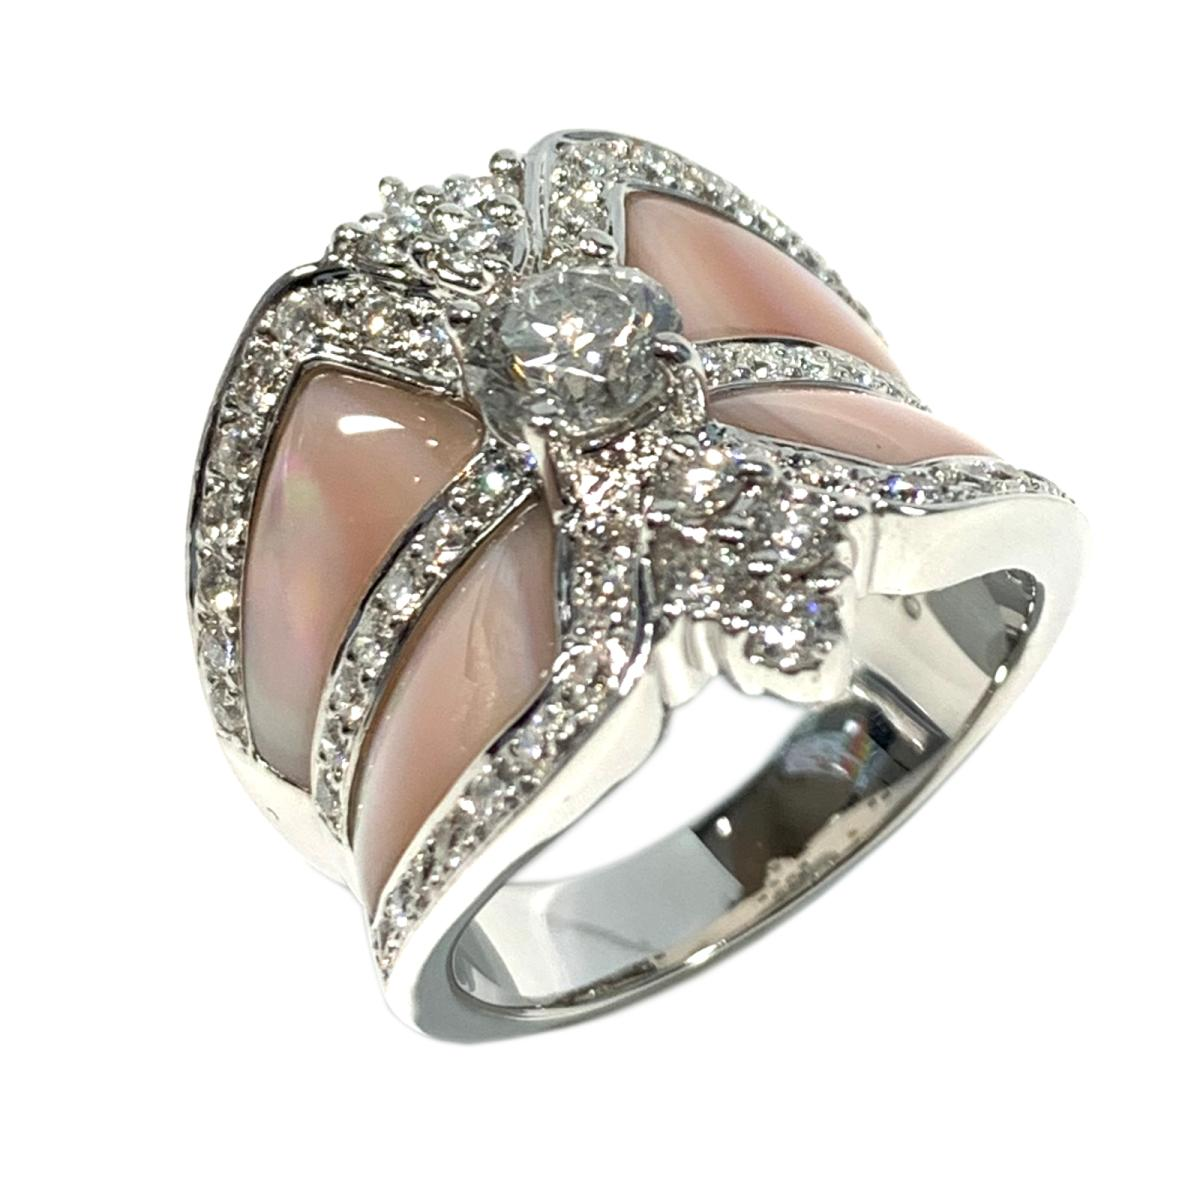 【中古】 ジュエリー マザーオブパール ダイヤモンド リング 指輪 レディース K18WG (750) ホワイトゴールド x ダイヤ0.90/0.72ct ピンク クリアー シルバー | JEWELRY BRANDOFF ブランドオフ ブランド アクセサリー